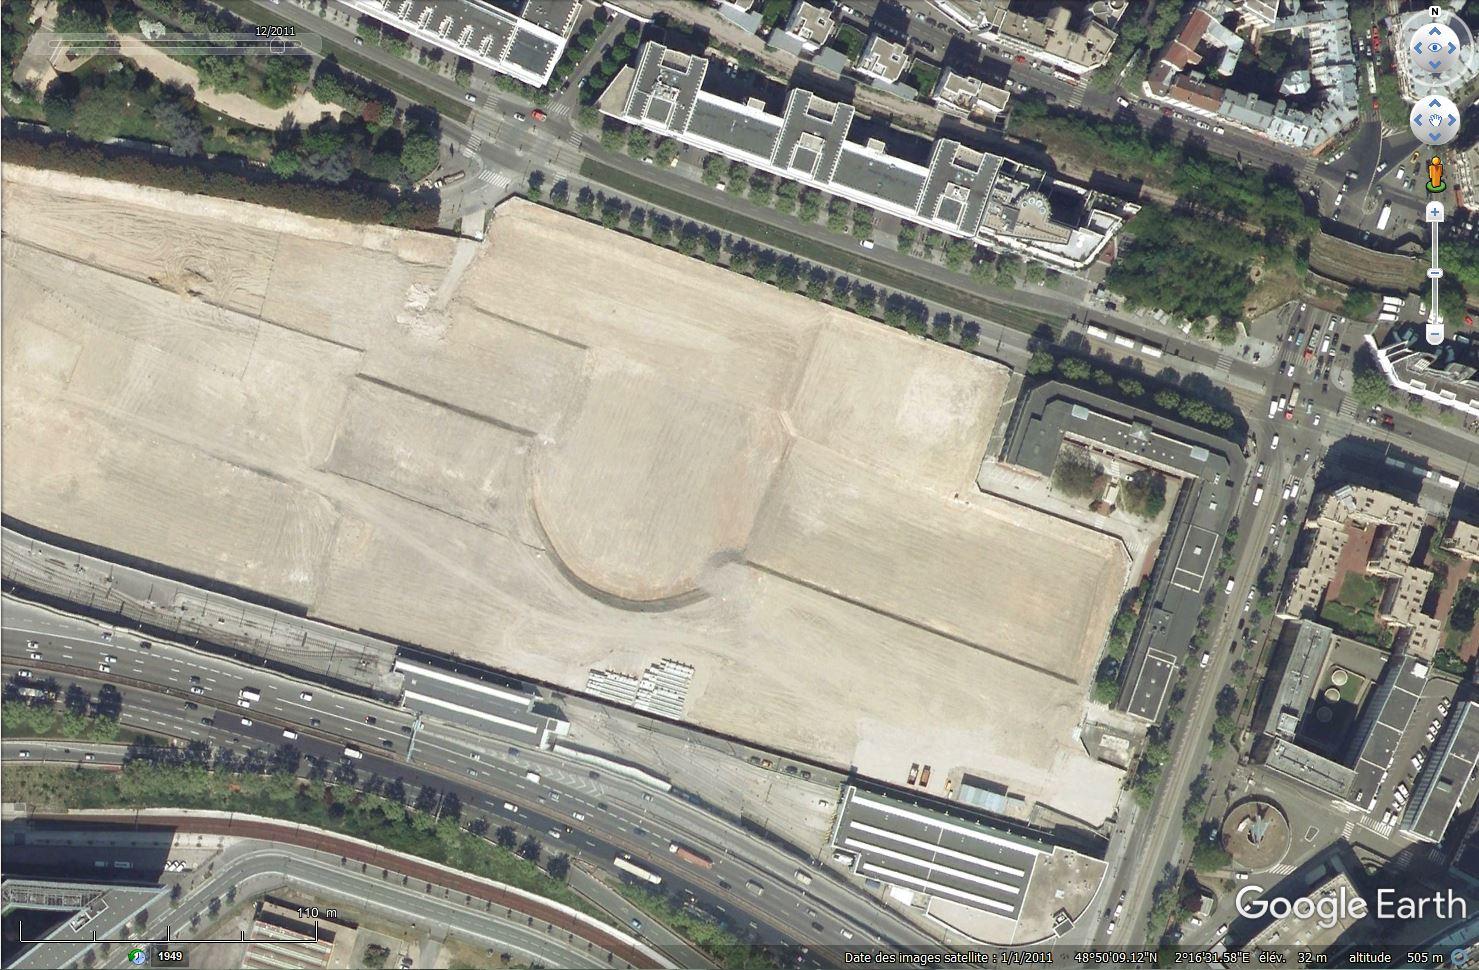 [Désormais visible sur Google Earth] - Futur site du ministère de la Défense (Balard) Tsge_133